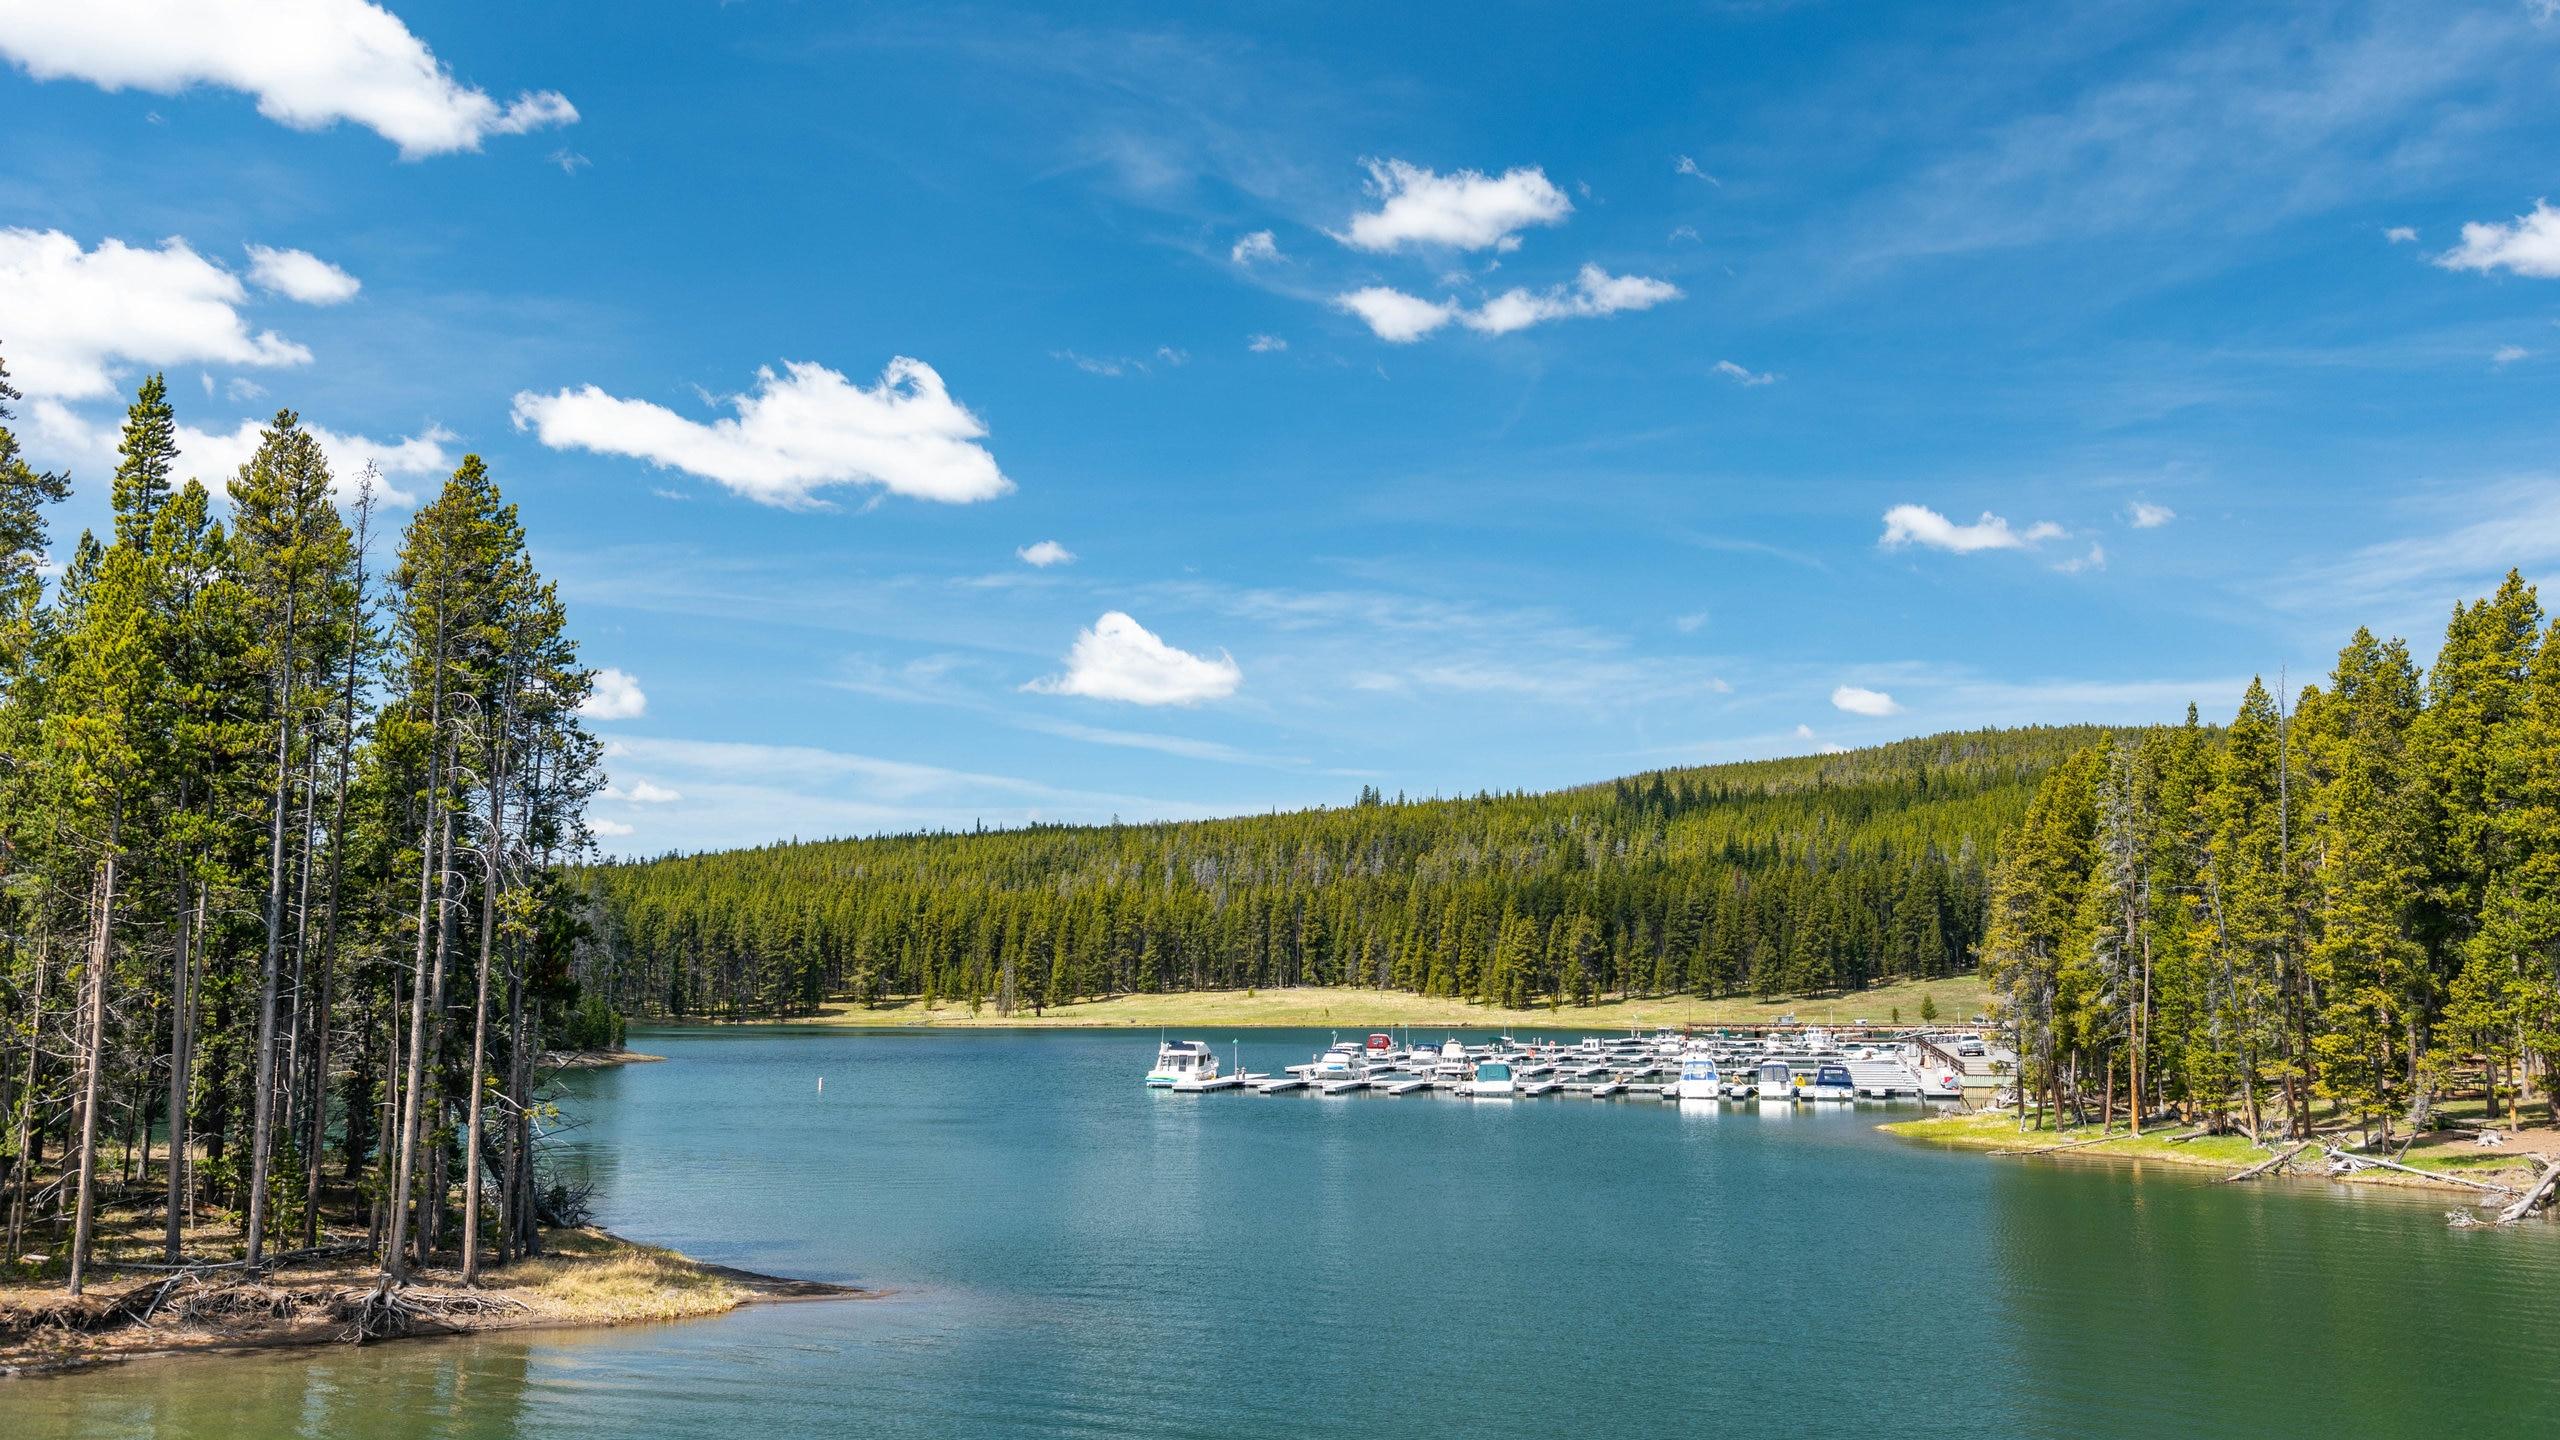 Staunen Sie über die vielfältige Pflanzenwelt von Yellowstone Lake, einer bezaubernden grünen Oase in Yellowstone Nationalpark. Machen Sie einen Spaziergang durch den Wald oder entdecken Sie die Gletscher in der Gegend.